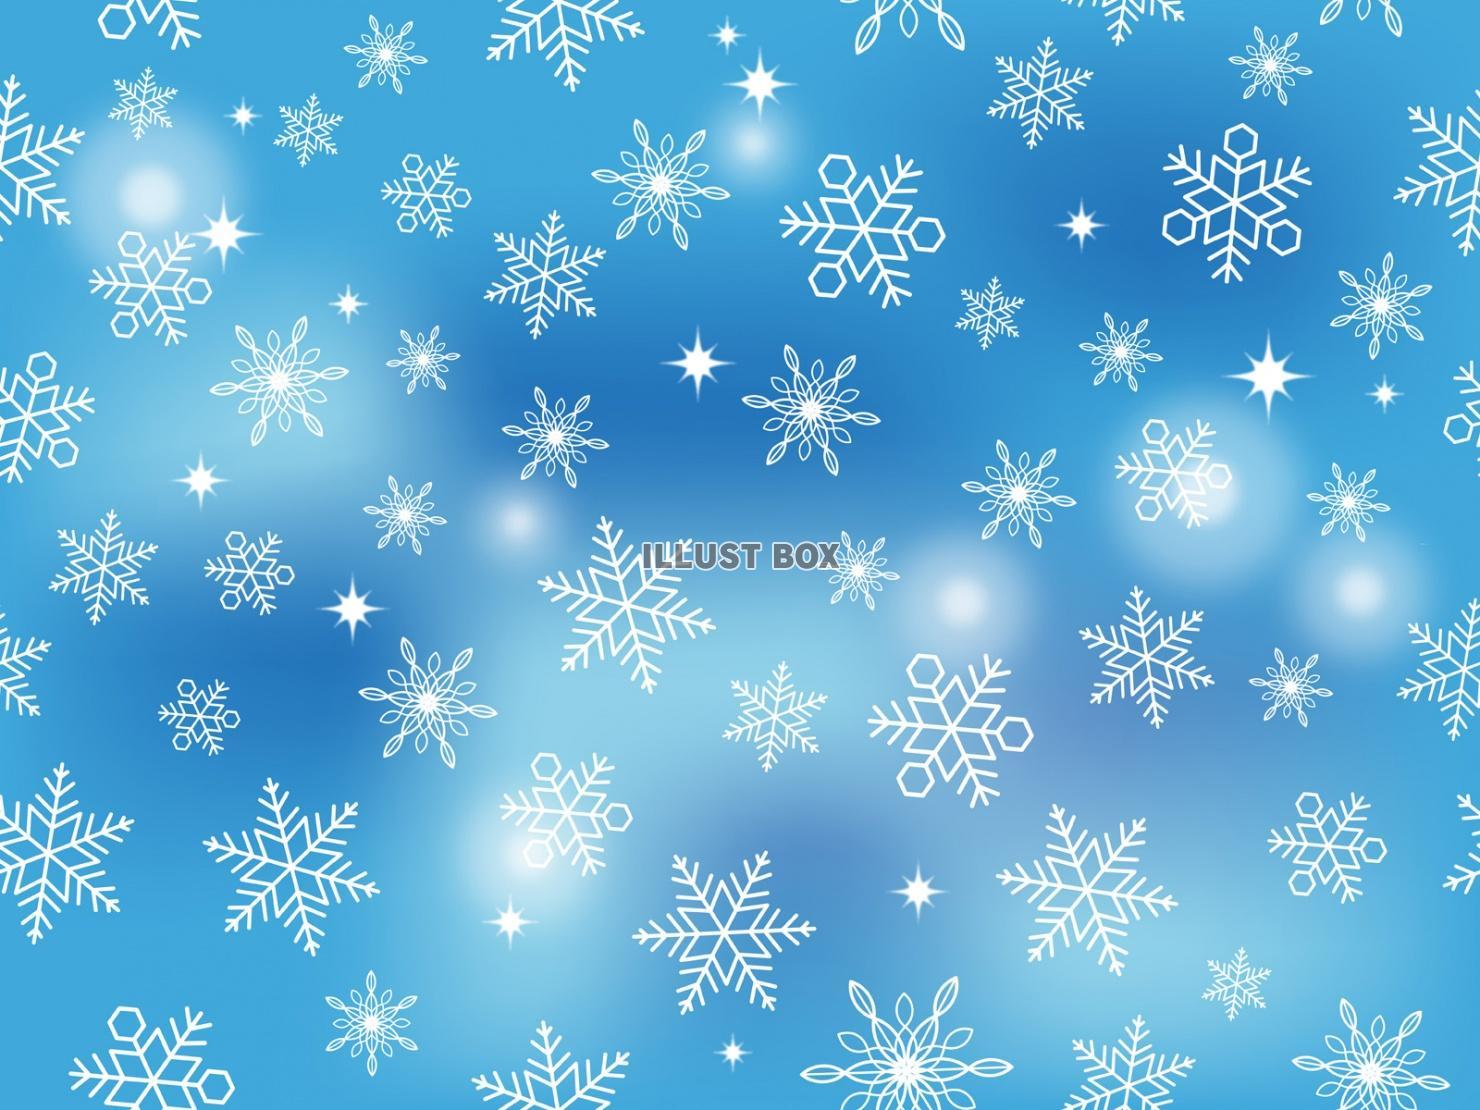 無料イラスト 縦横両方向にシームレスな雪の背景 青